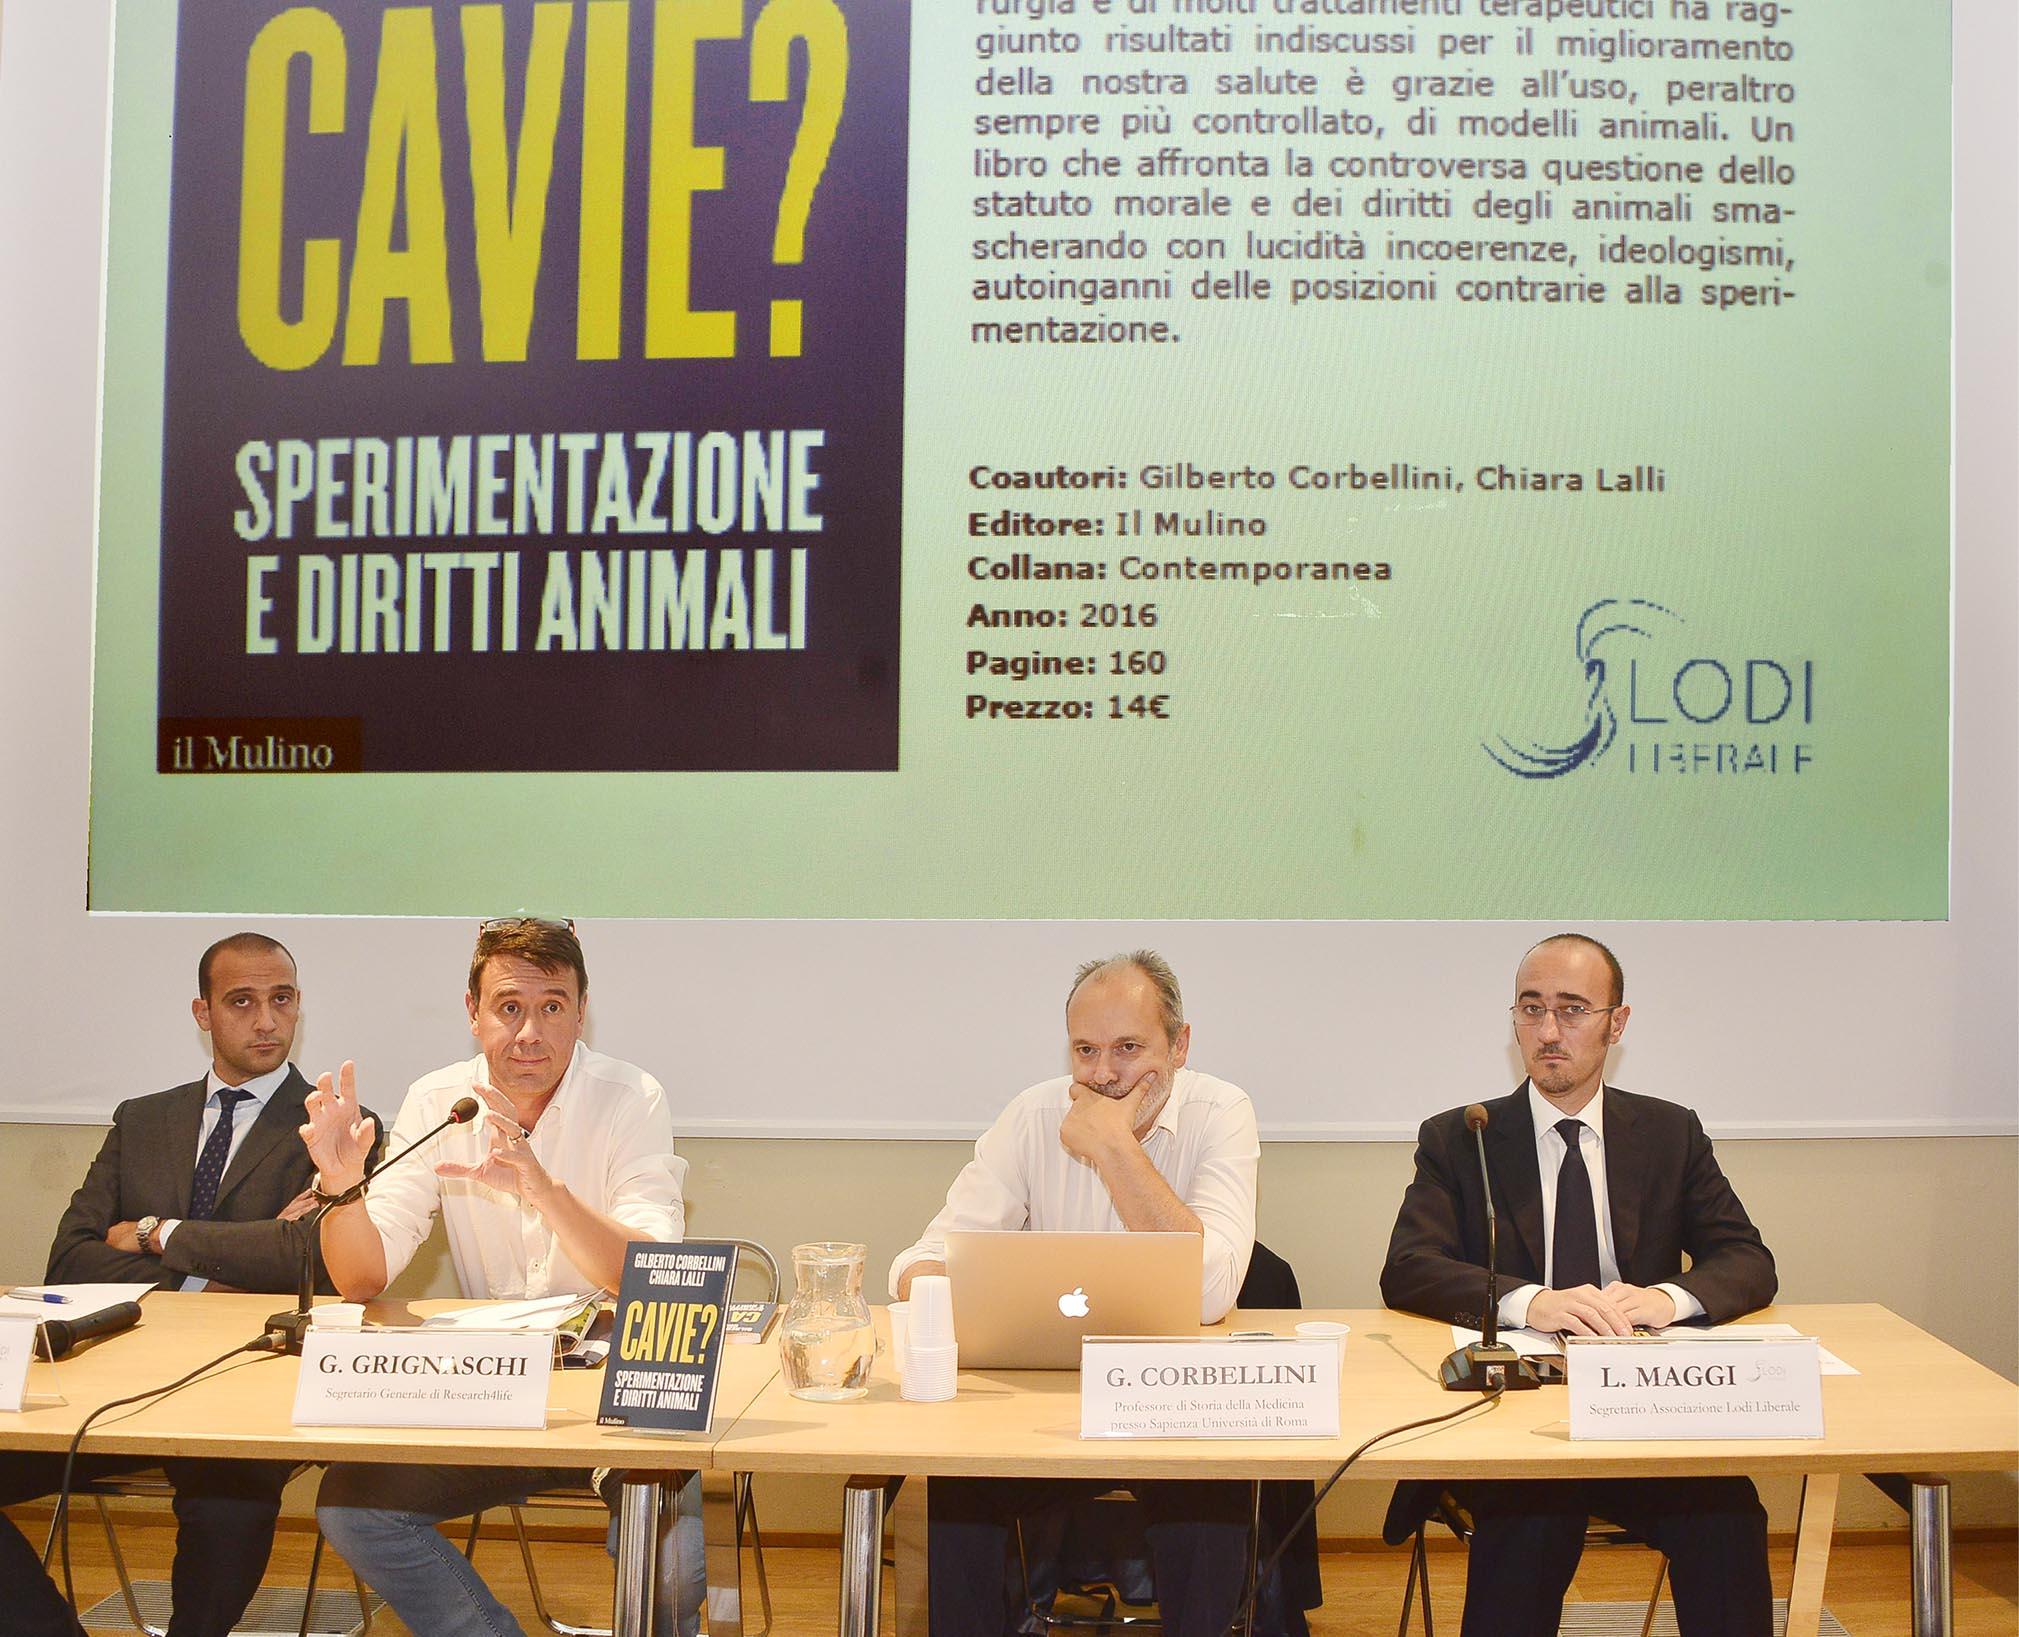 """Associazione Lodi Liberale - Presentazione del libro """"Cavie? Sperimentazione e diritti animali"""" di Corbellini e Lalli, Montini Maggi"""